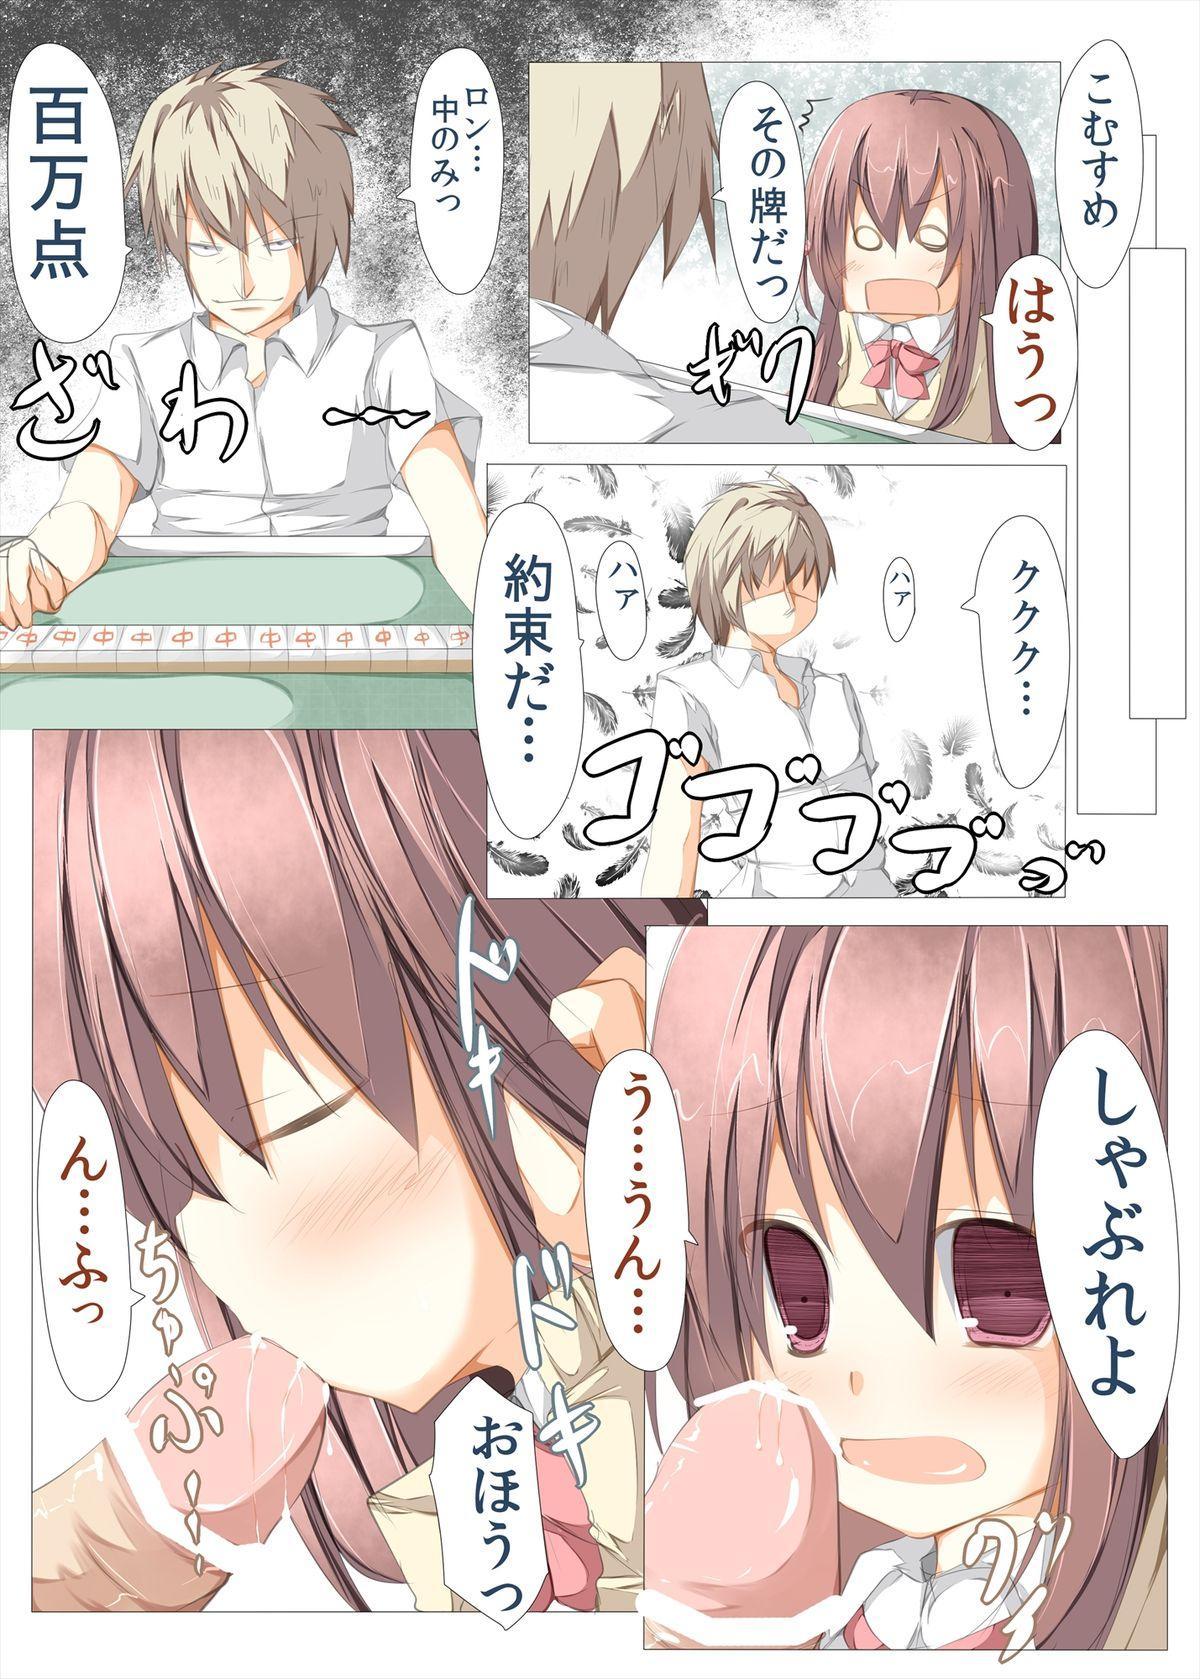 Kuro-chan To Ichatsuku Hon 9